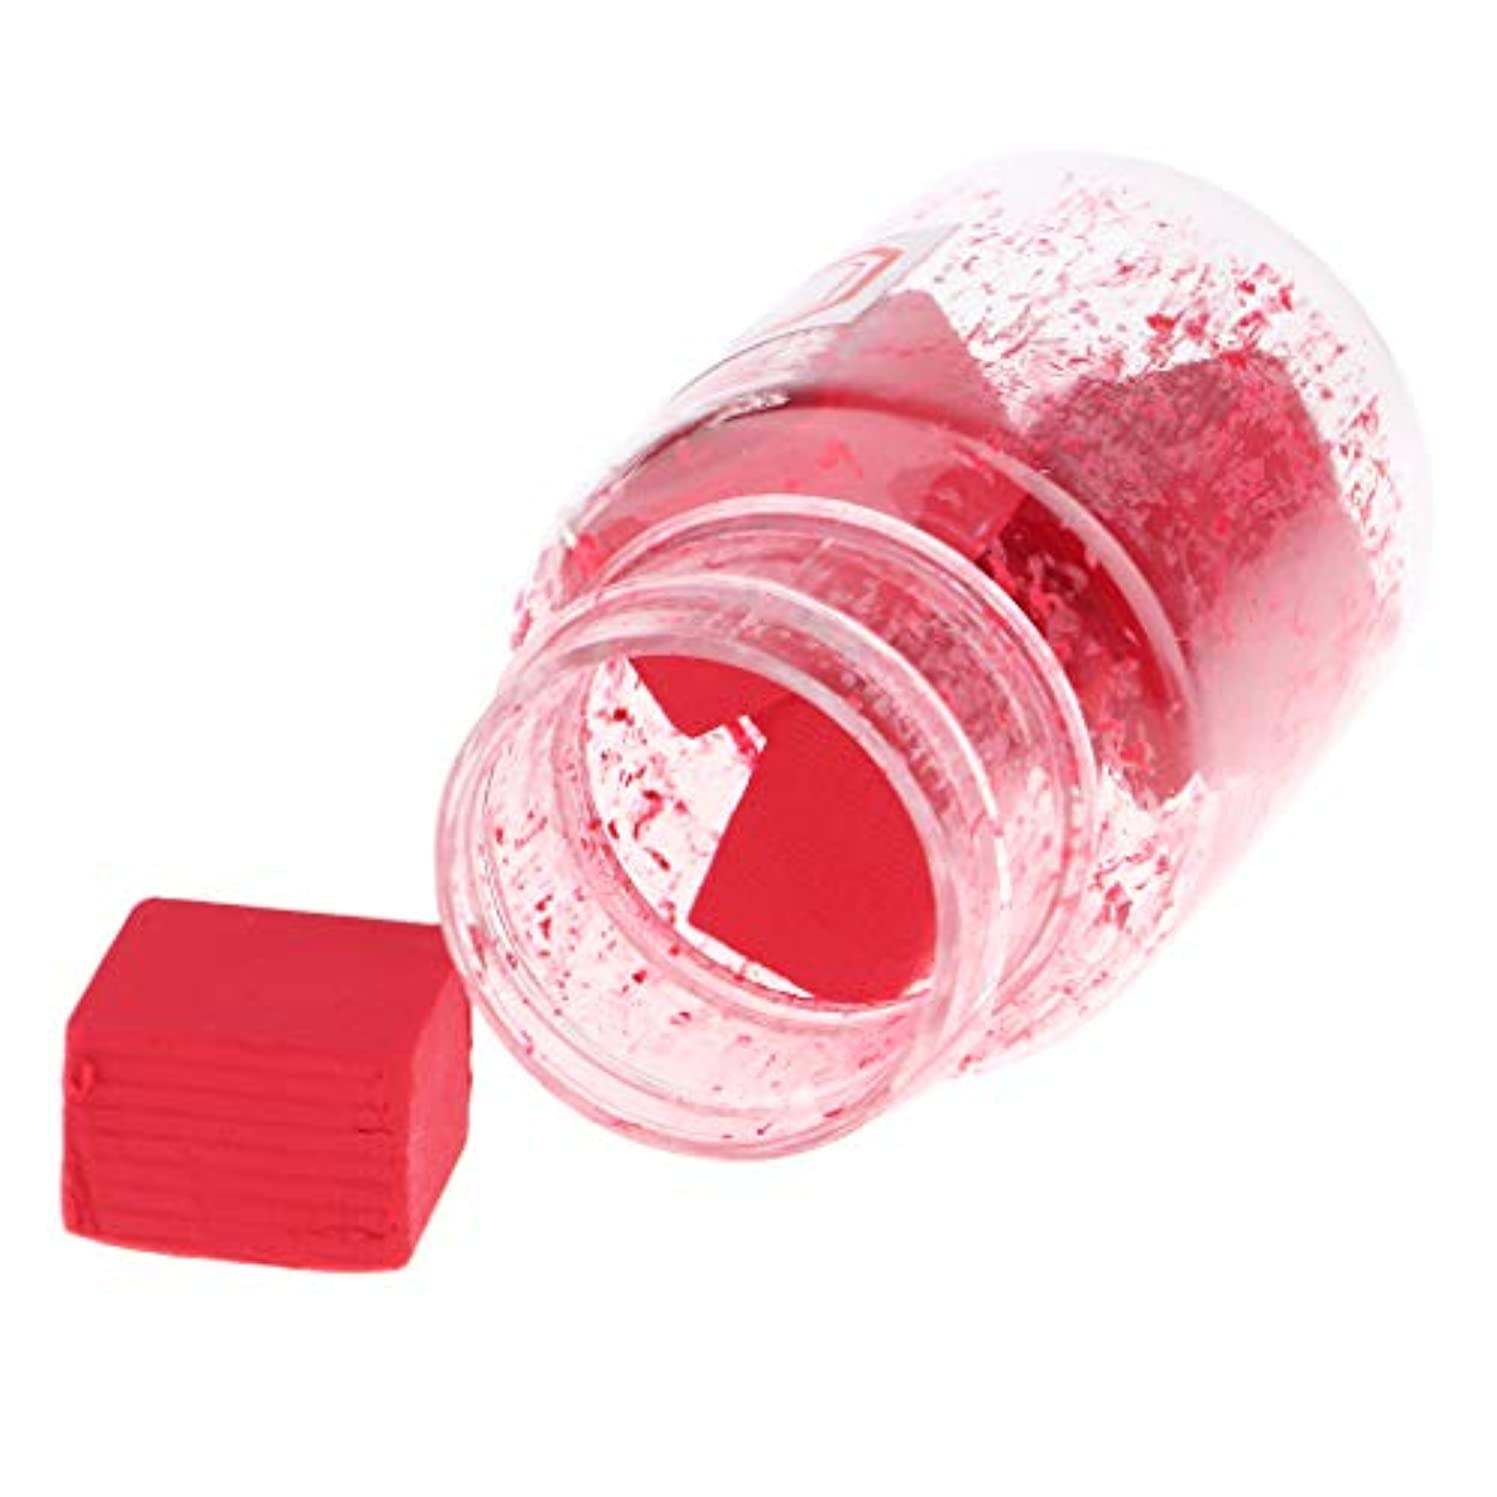 トライアスリートフェッチに勝るPerfeclan 口紅作り DIY リップスティック原料 赤面原料 無ワックス 無粉砕 無飛翔粉末 9色選択でき - B